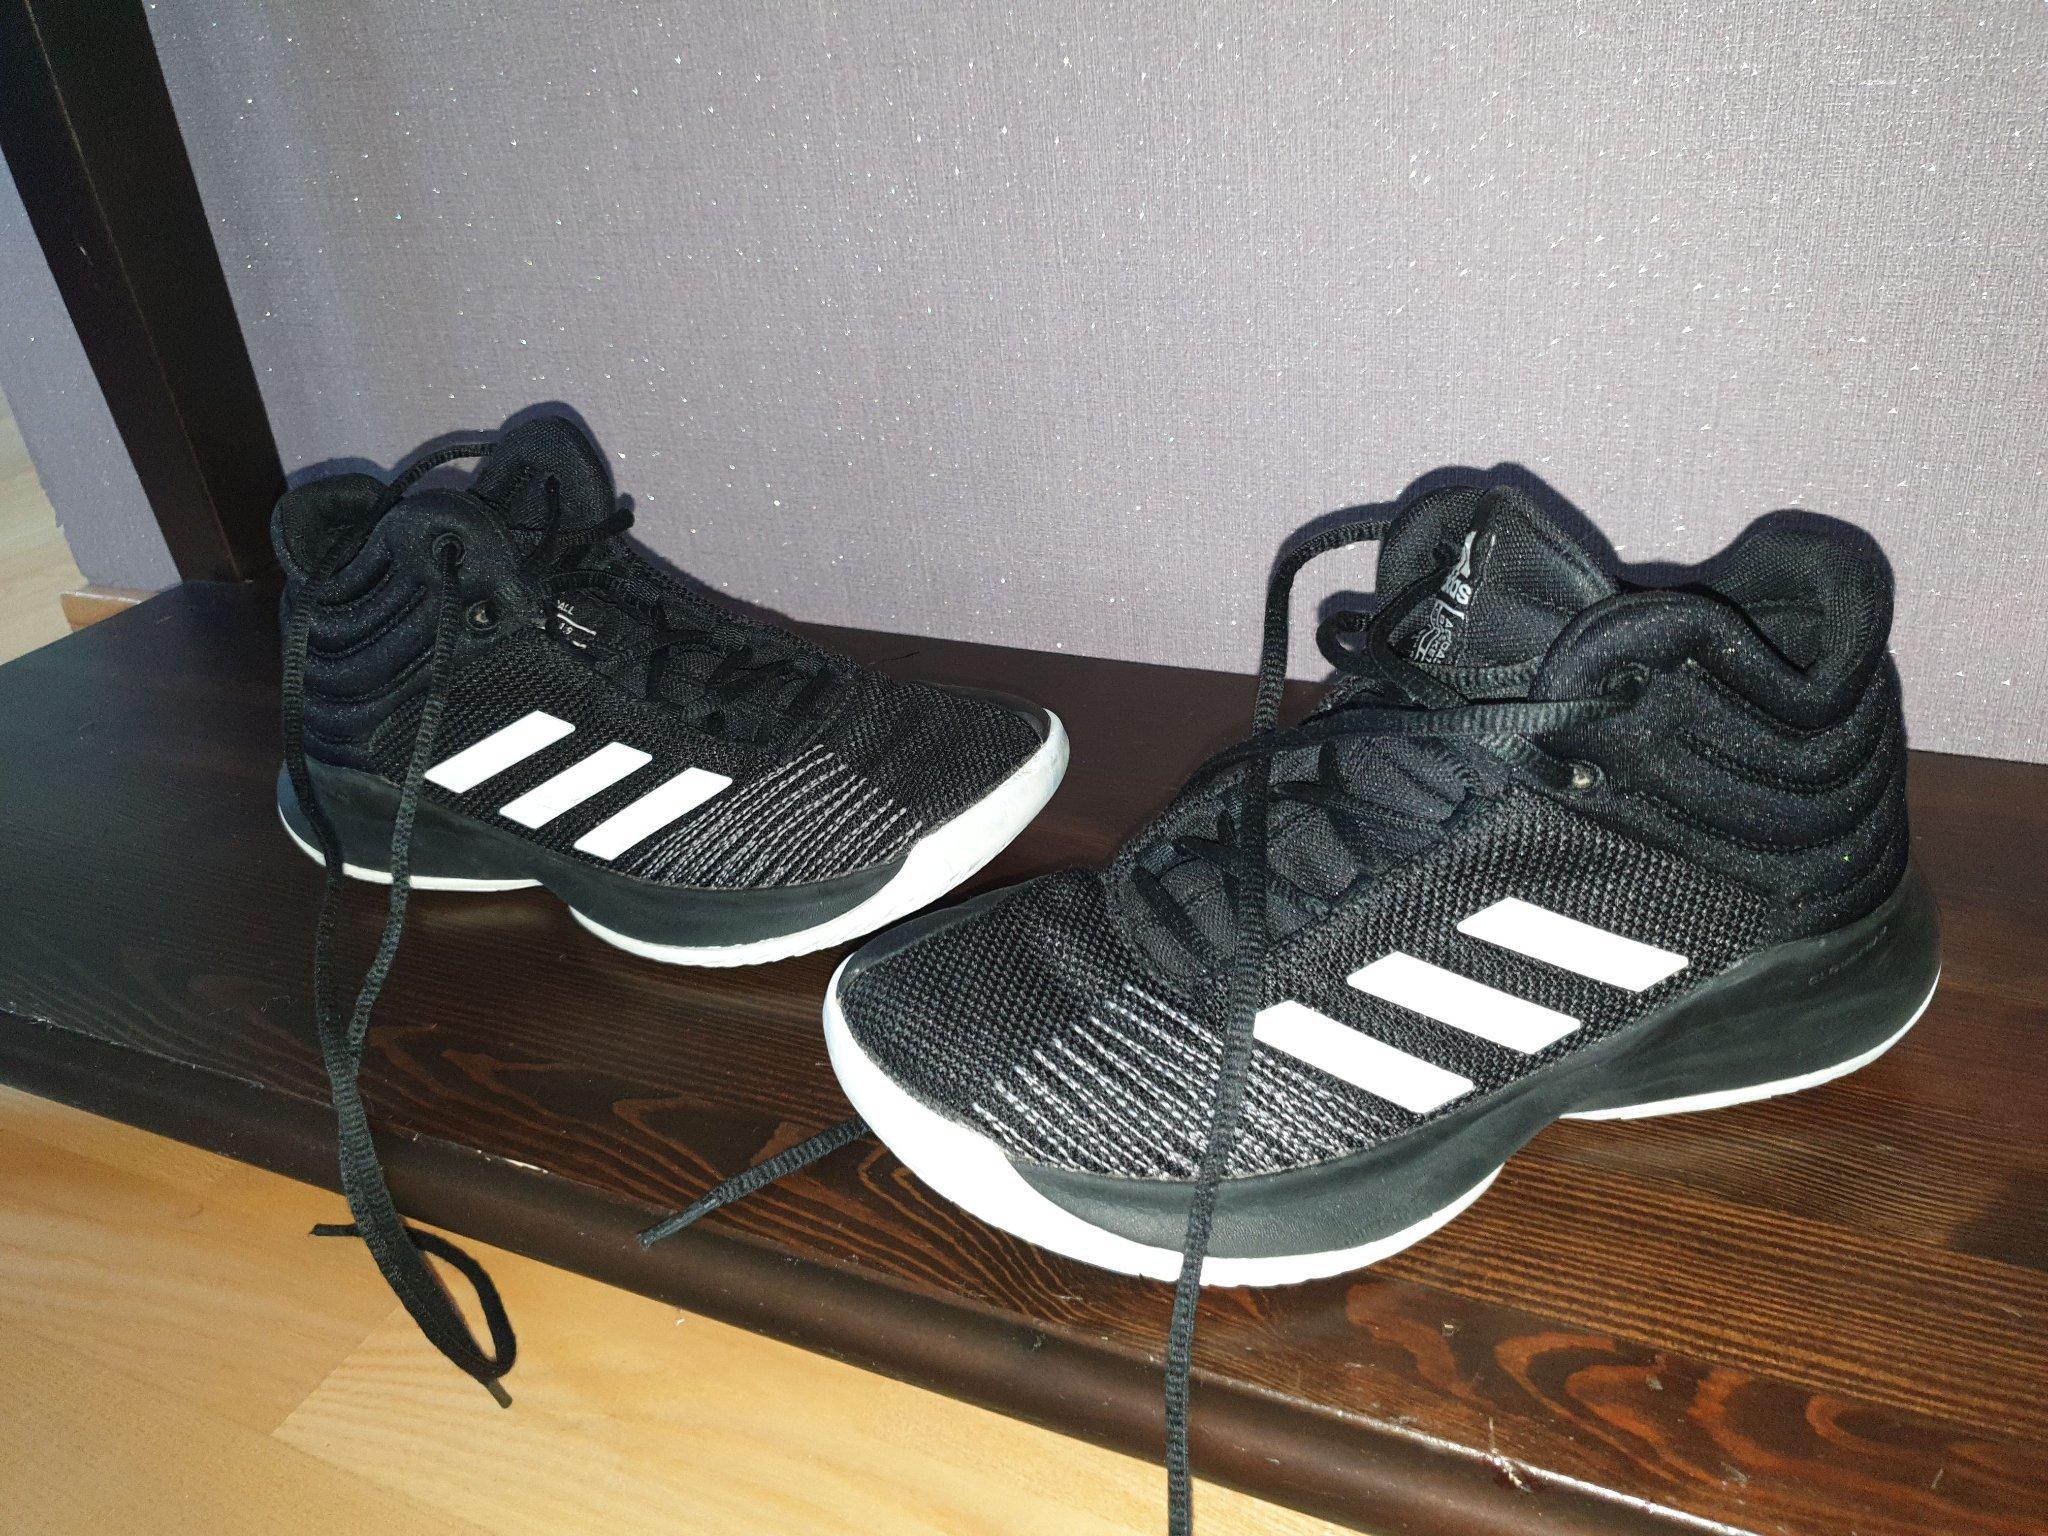 51624004 Adidas skor strl 36.5 (357141484) ᐈ Köp på Tradera